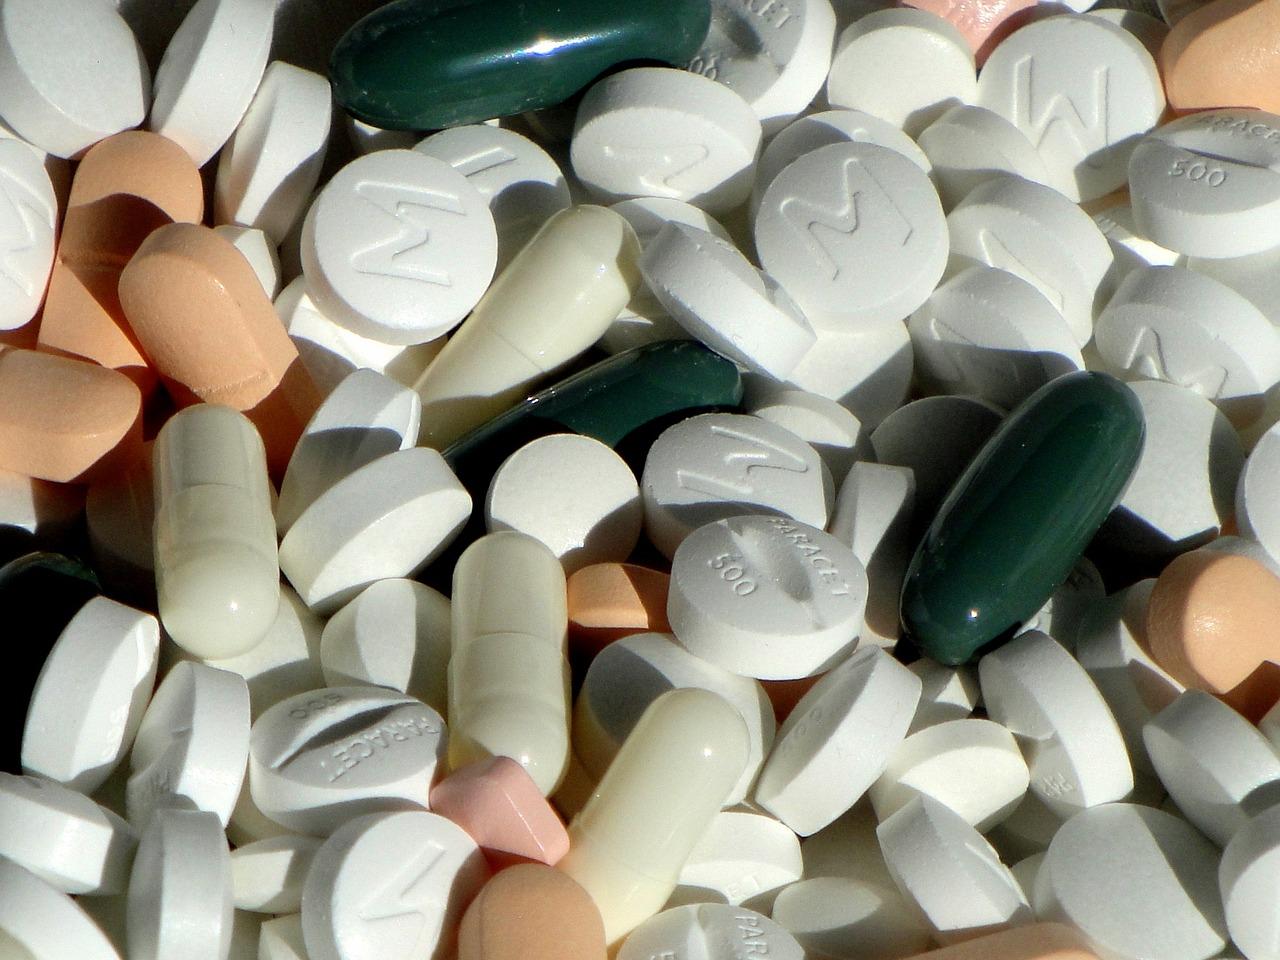 Drogendelikt - Nicht geringe Menge